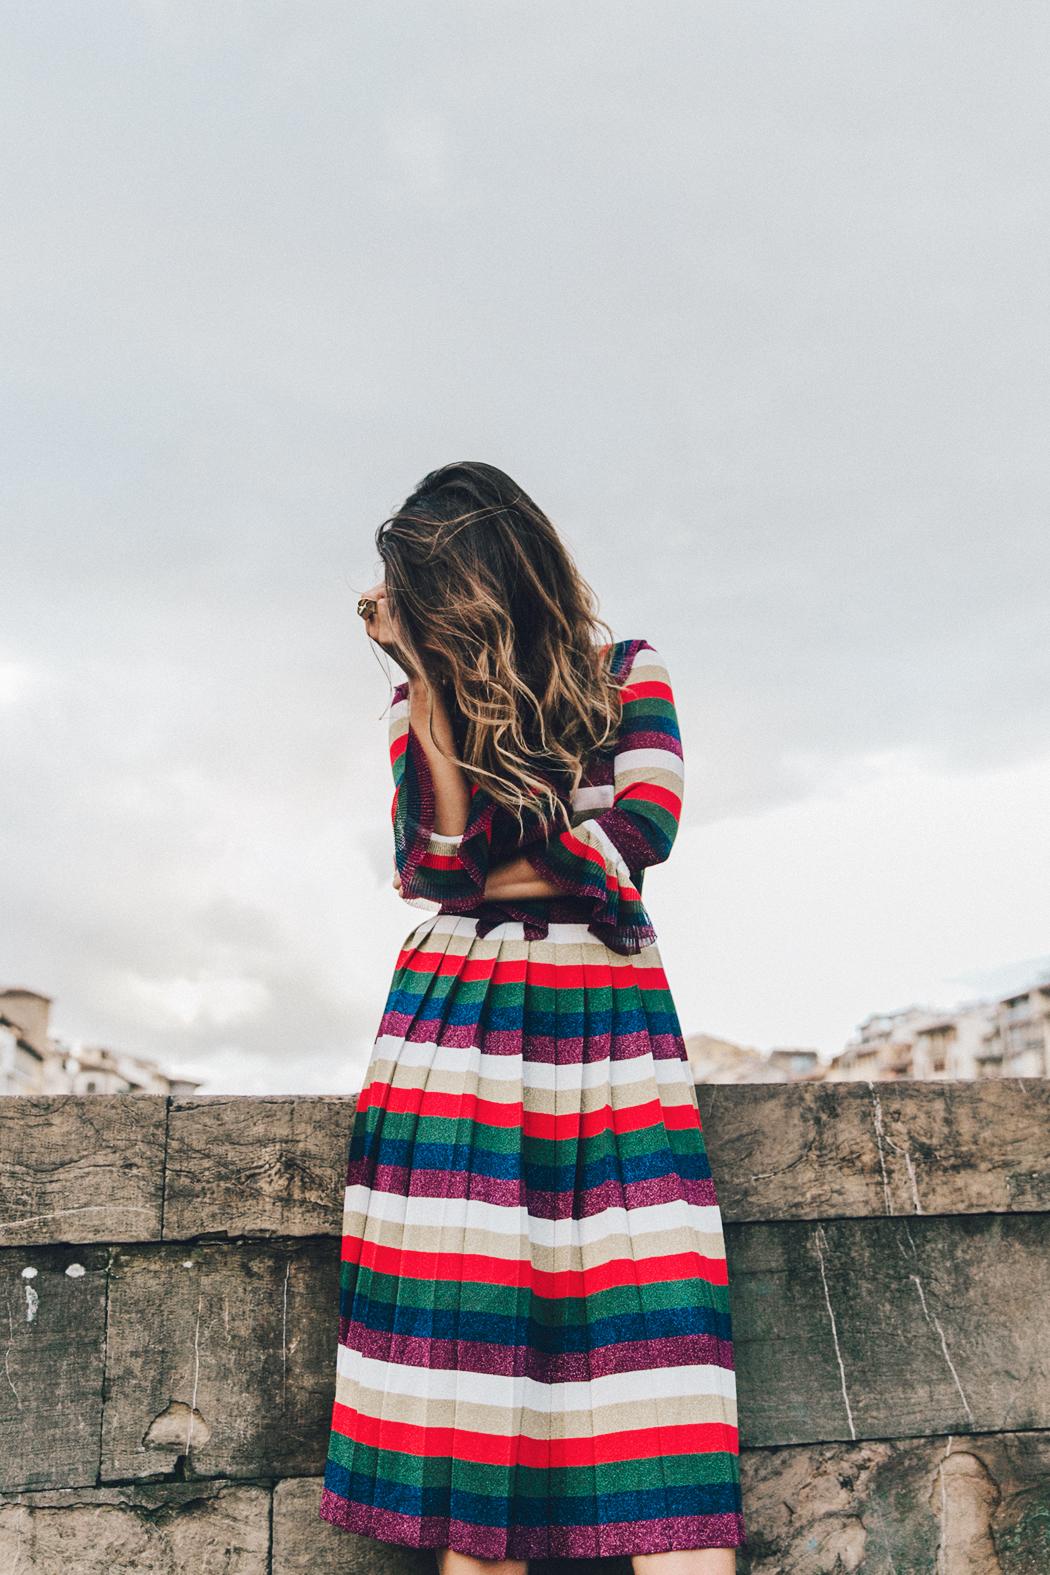 Vestido Gucci DEUSO da Sara, mais infos [aqui]